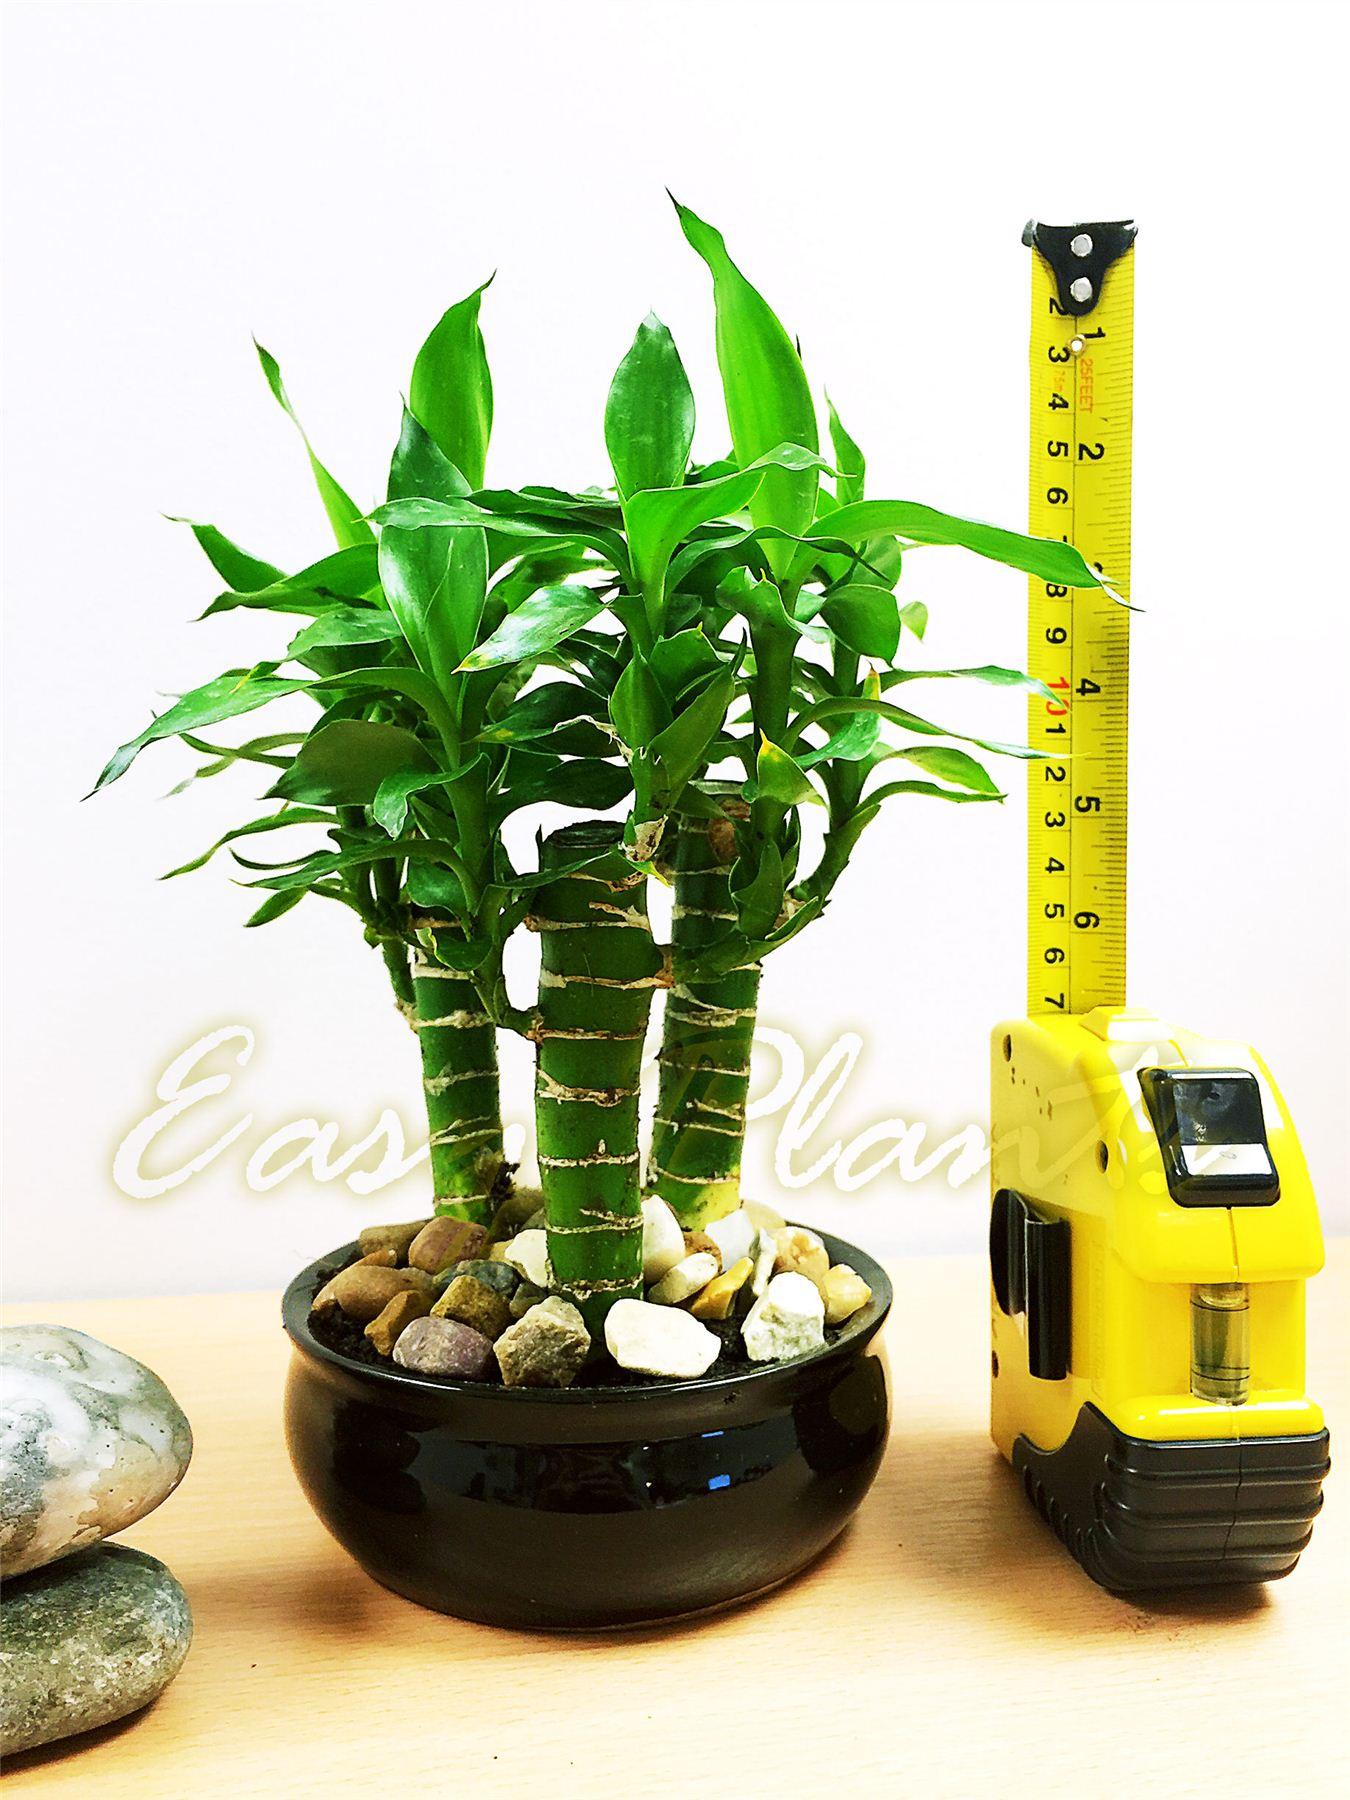 jardín > Plantas semillas y bulbos > Plantas y esquejes > Bambú #42BD0F 1350 1800